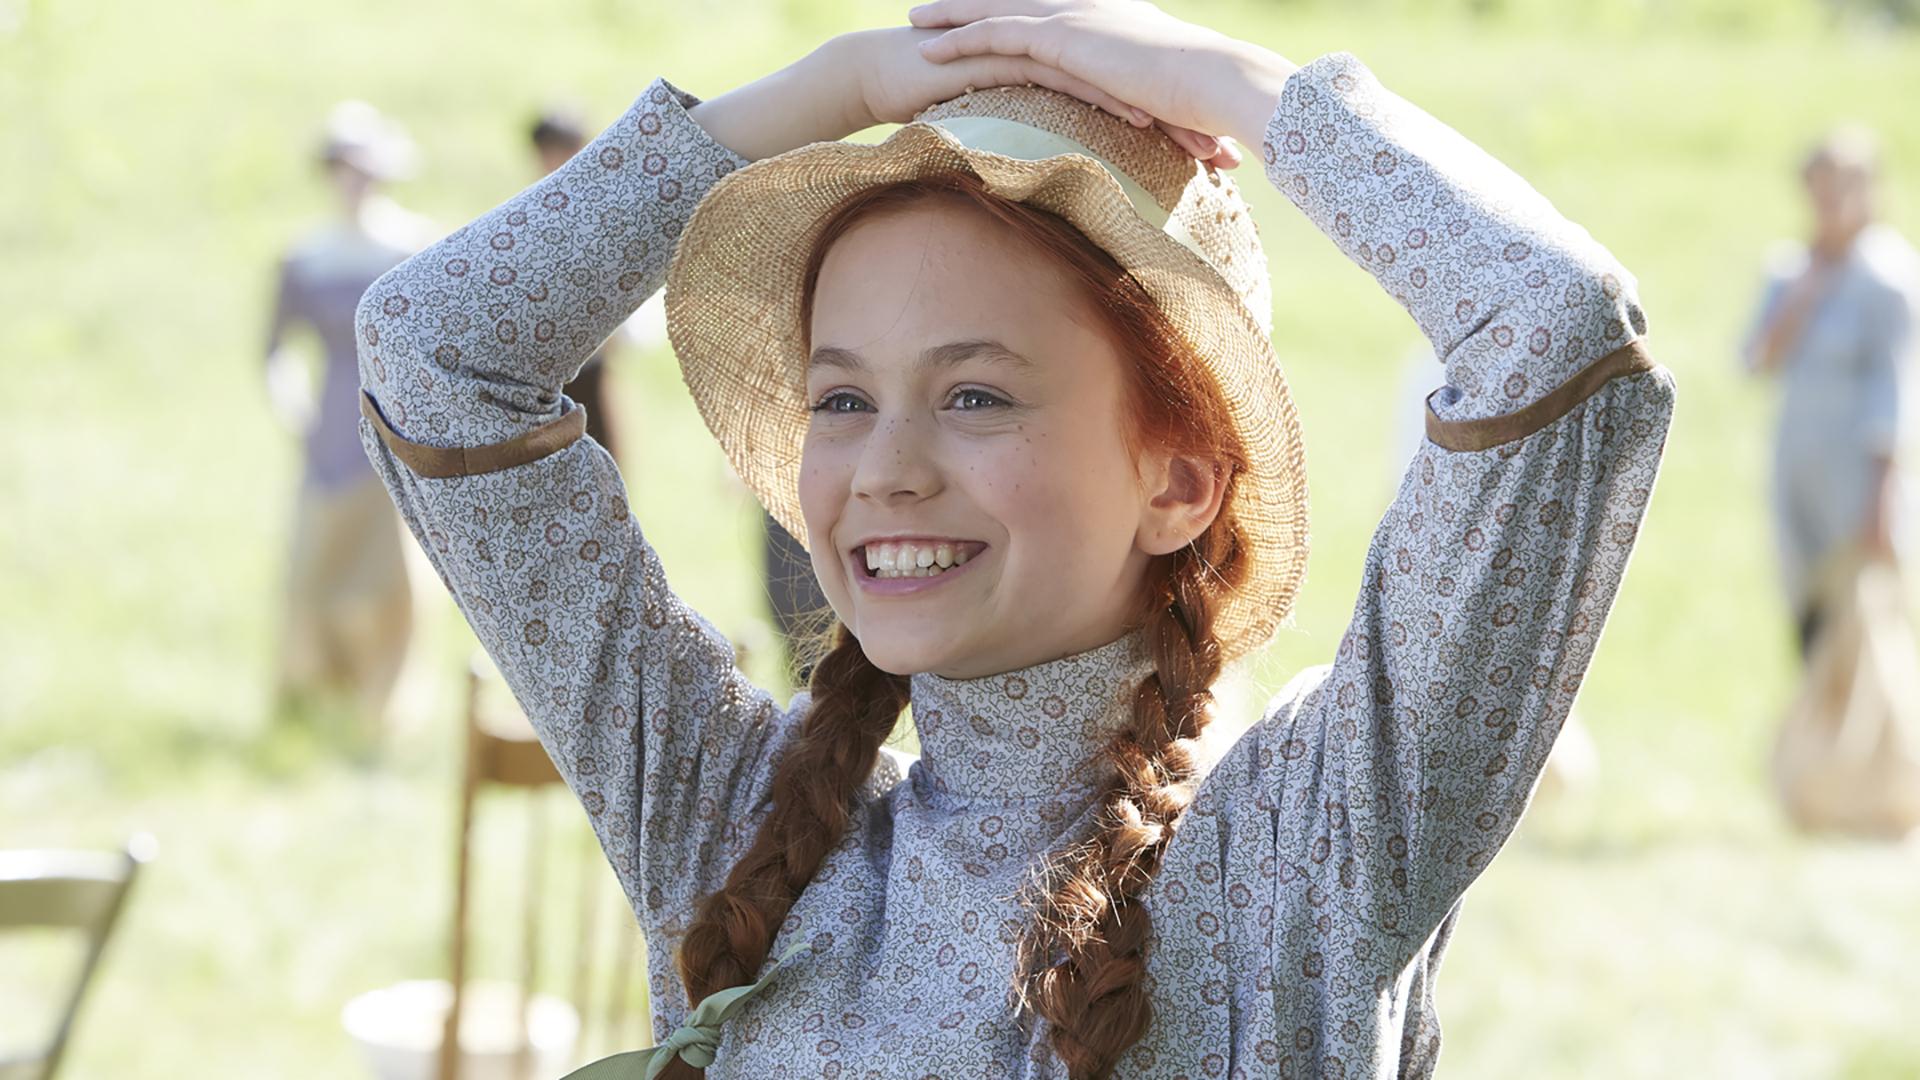 Family favorite 'Anne of Green Gables' to return on Thanksgiving